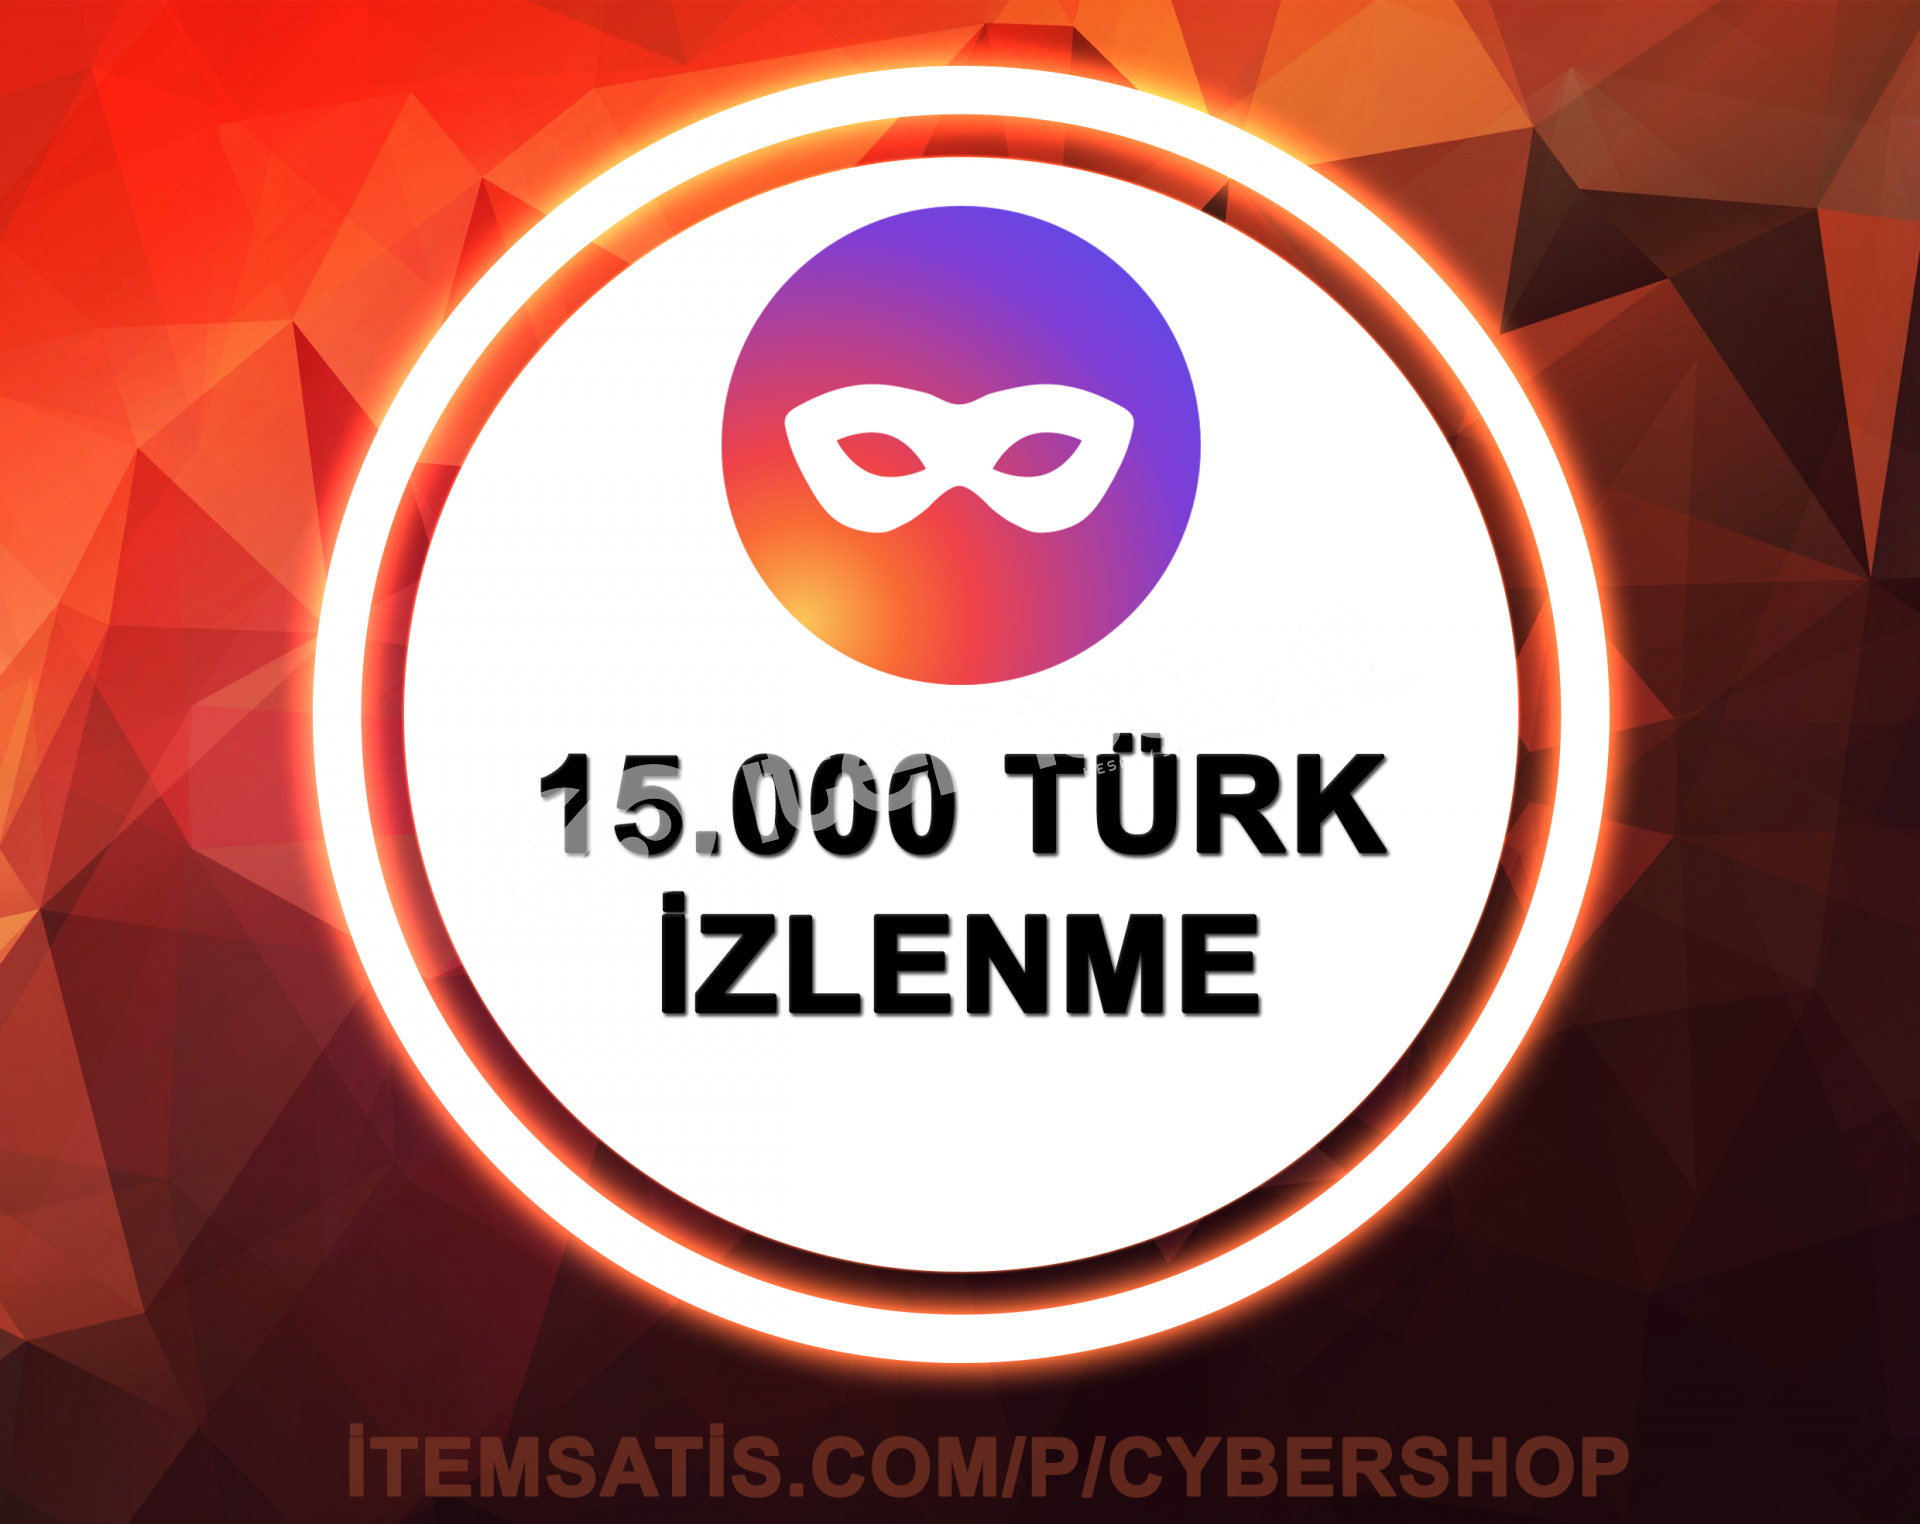 15000 [TÜRK] İzlenme (Anında Teslim)